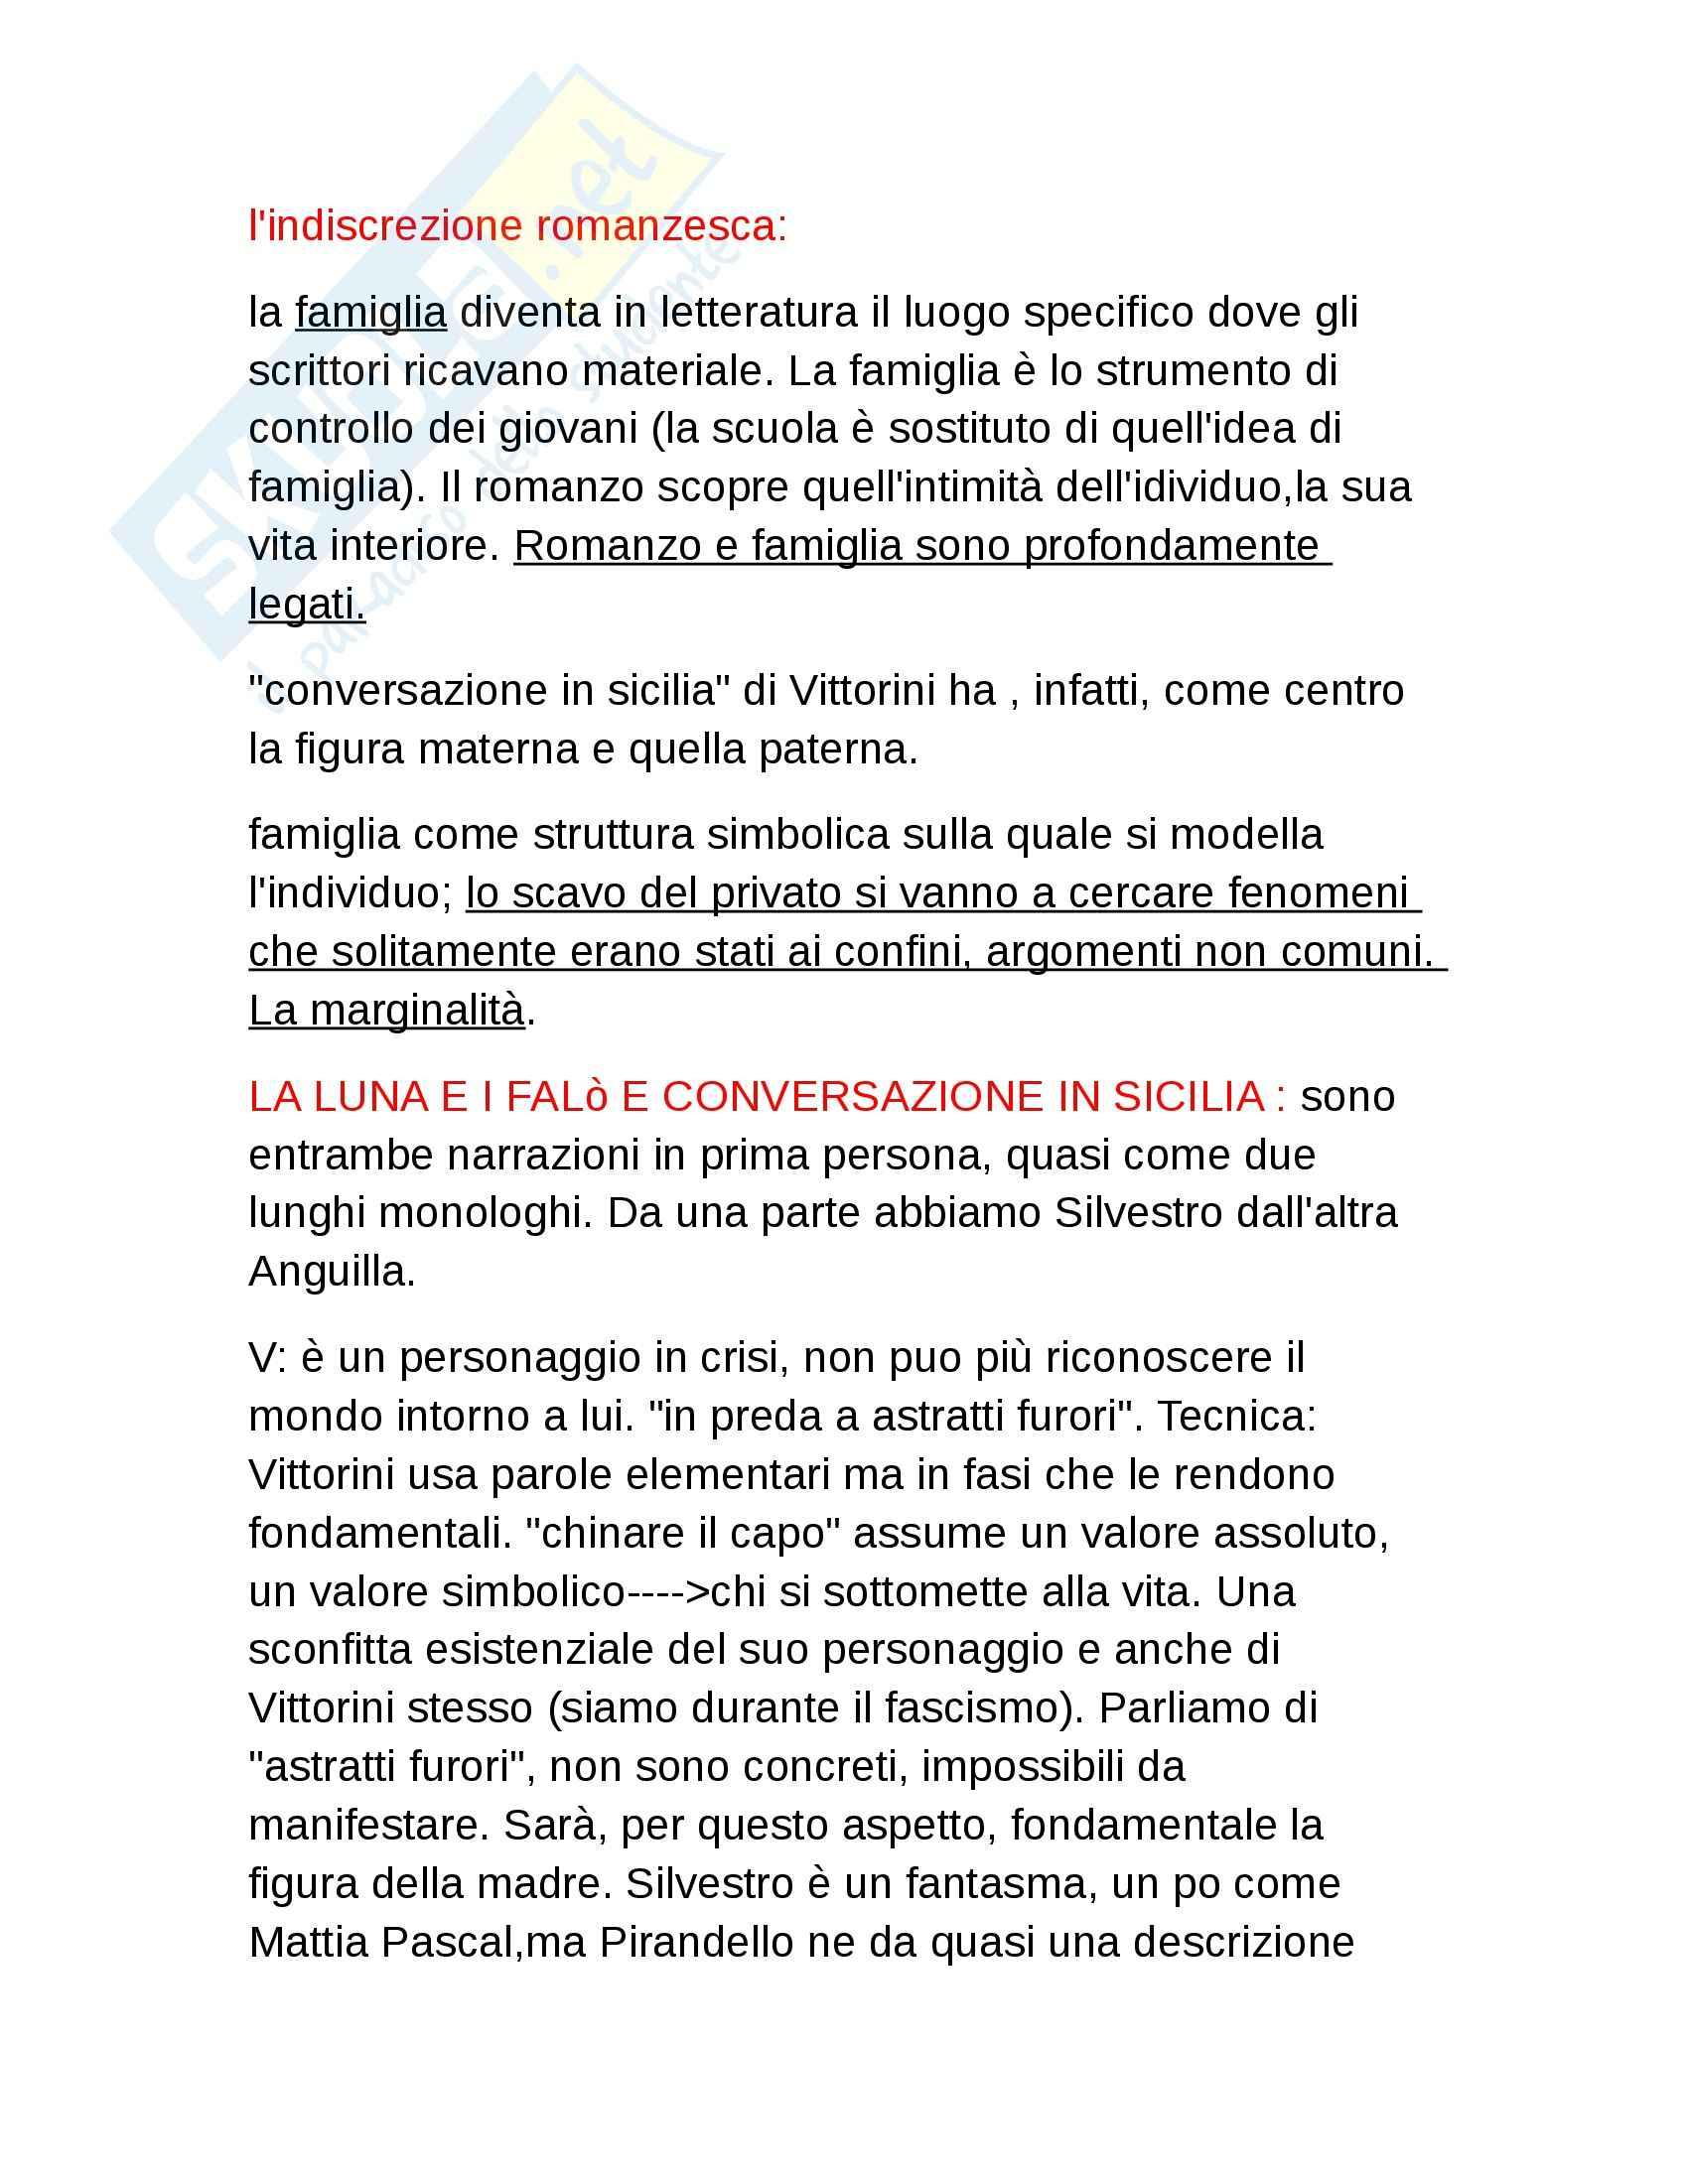 Vittorini e Pavese, Letteratura italiana contemporanea